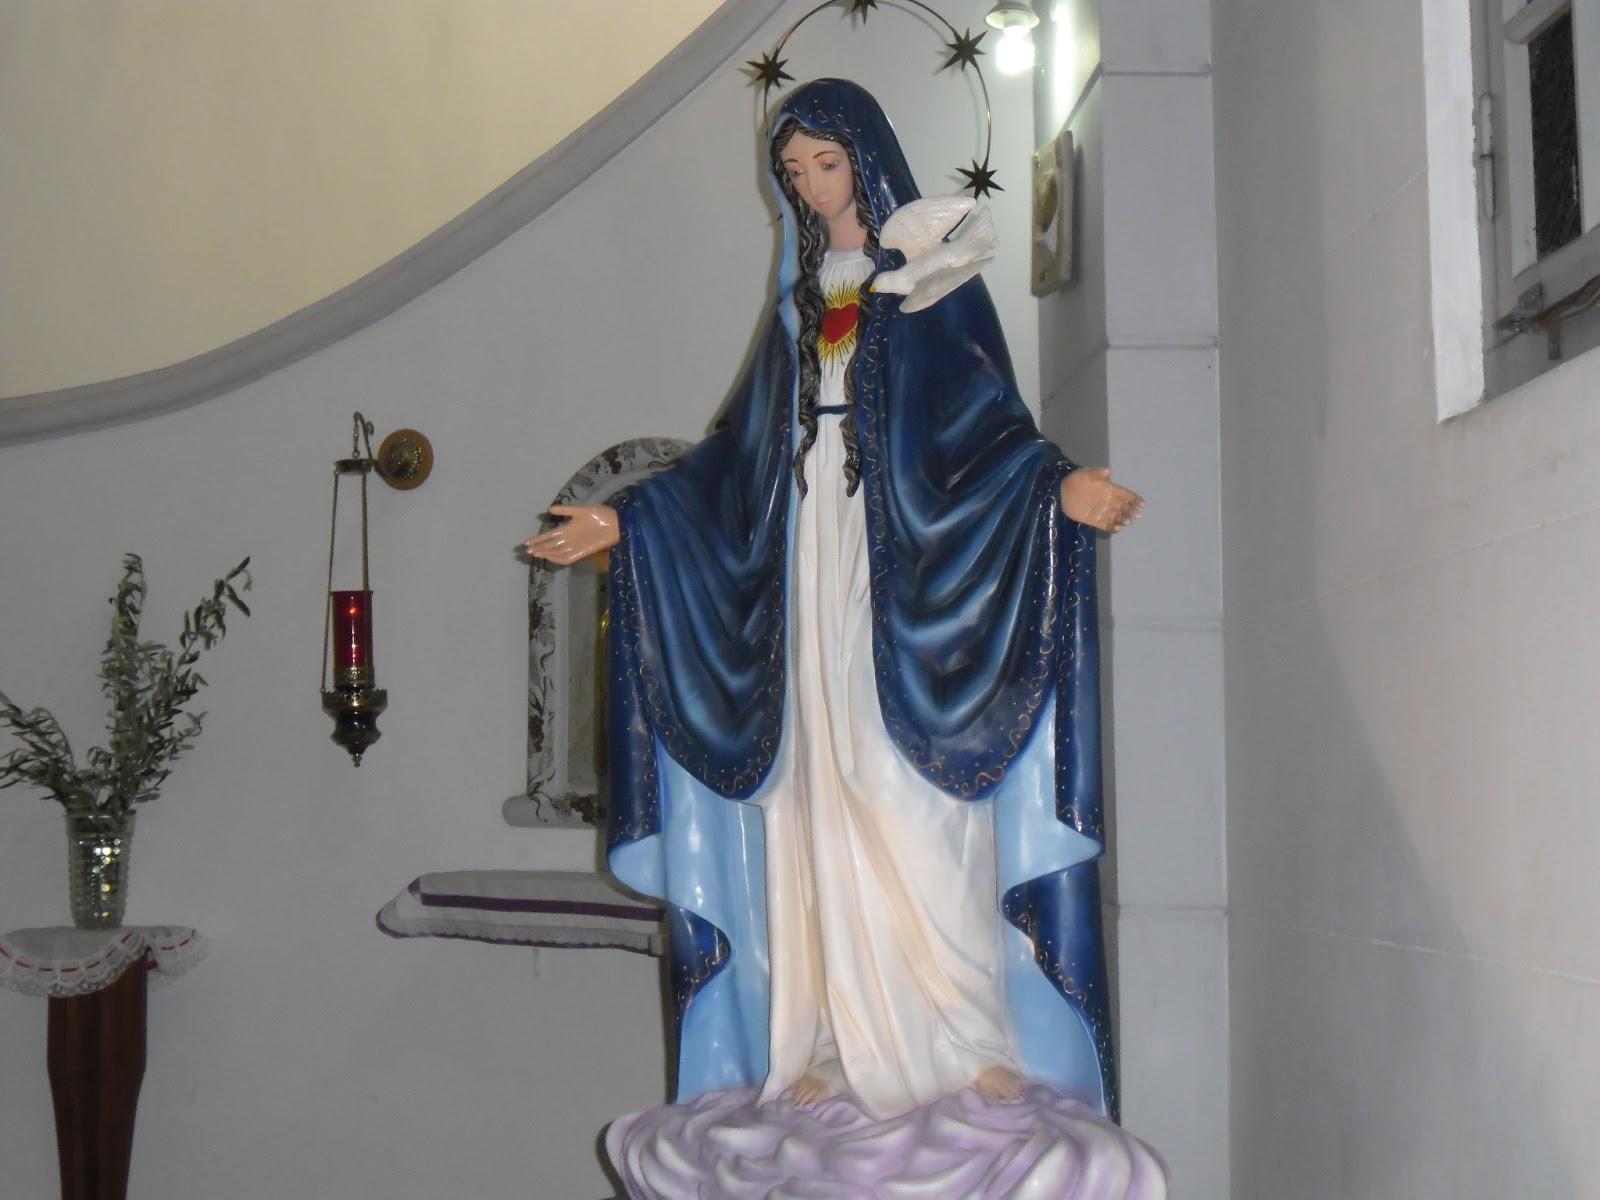 Santa María del Espíritu Santo se aparece en Lanús, Argentina (7 nov)